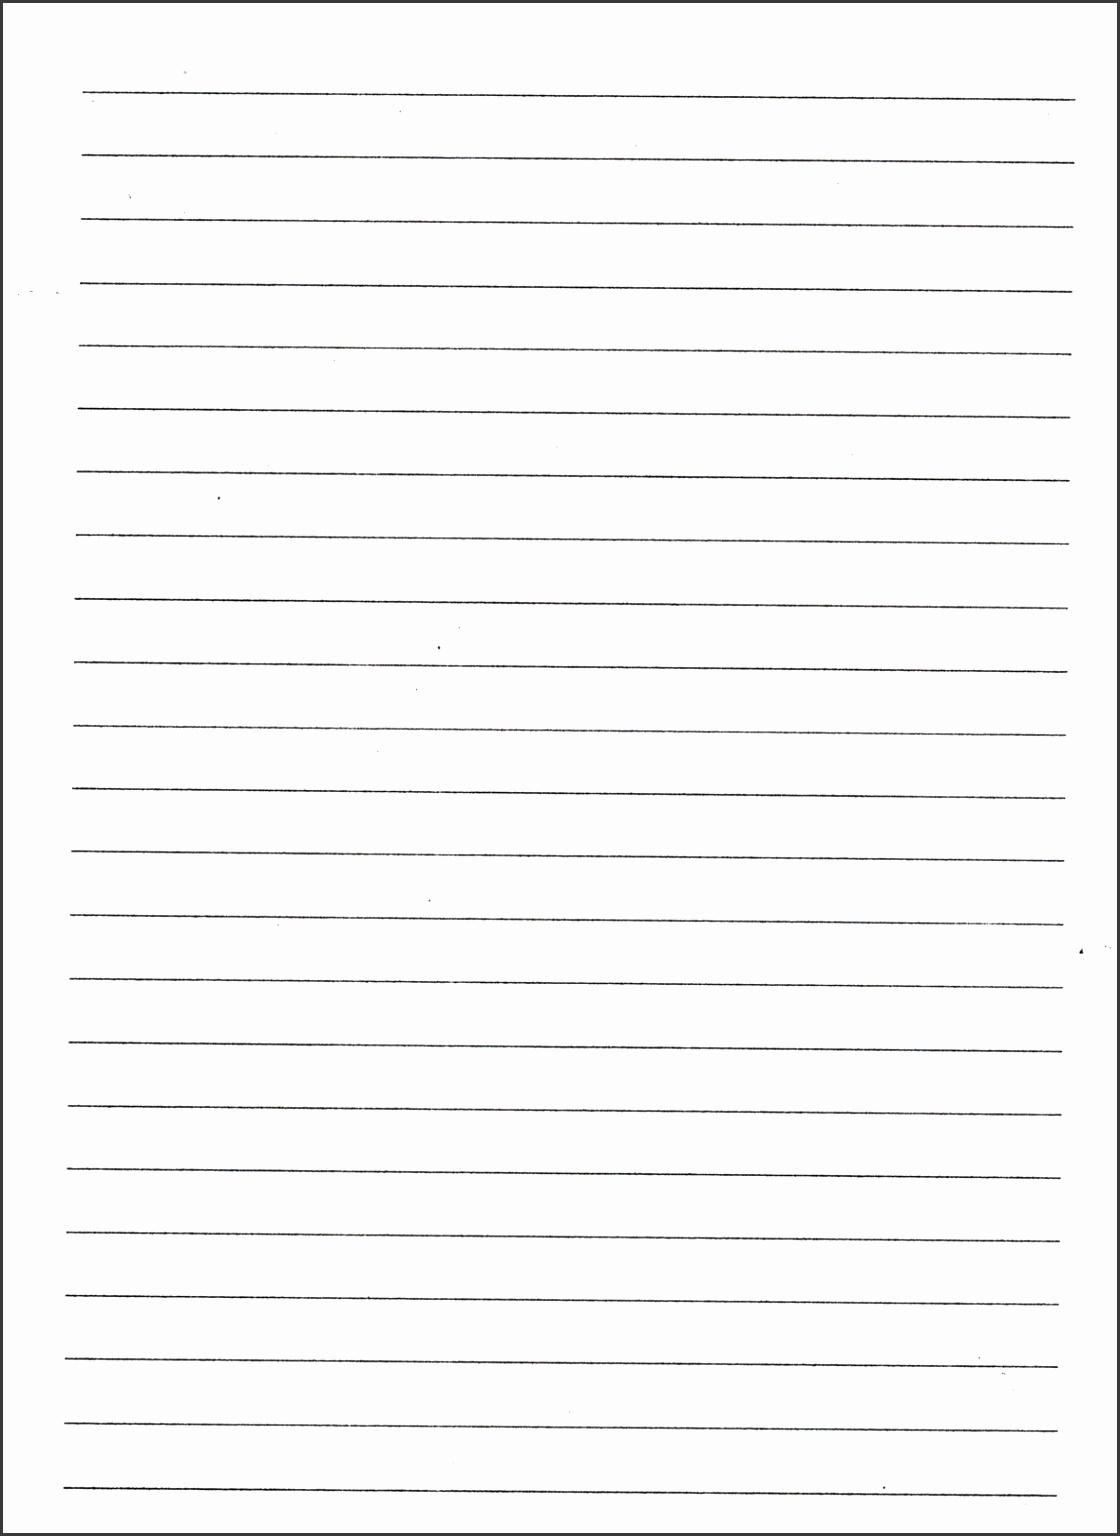 8 kindergarten lined paper template